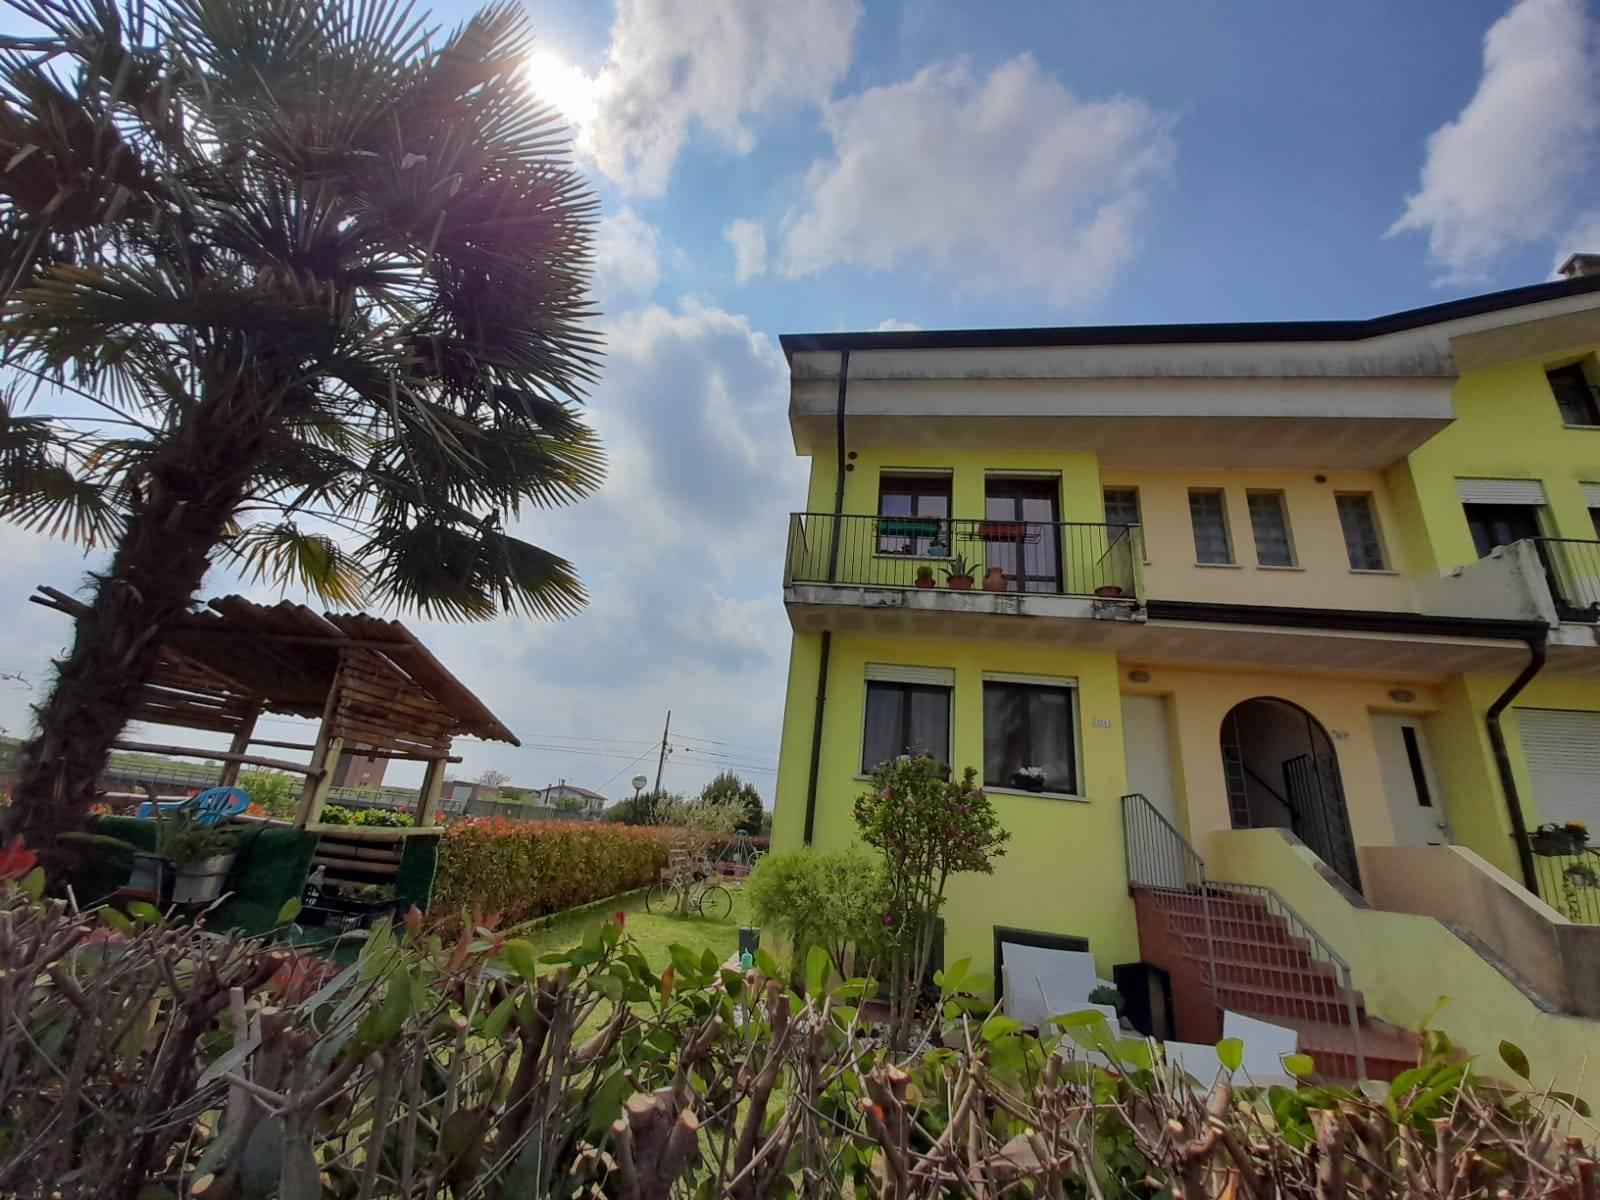 Appartamento in vendita a Bevilacqua, 2 locali, prezzo € 90.000 | CambioCasa.it